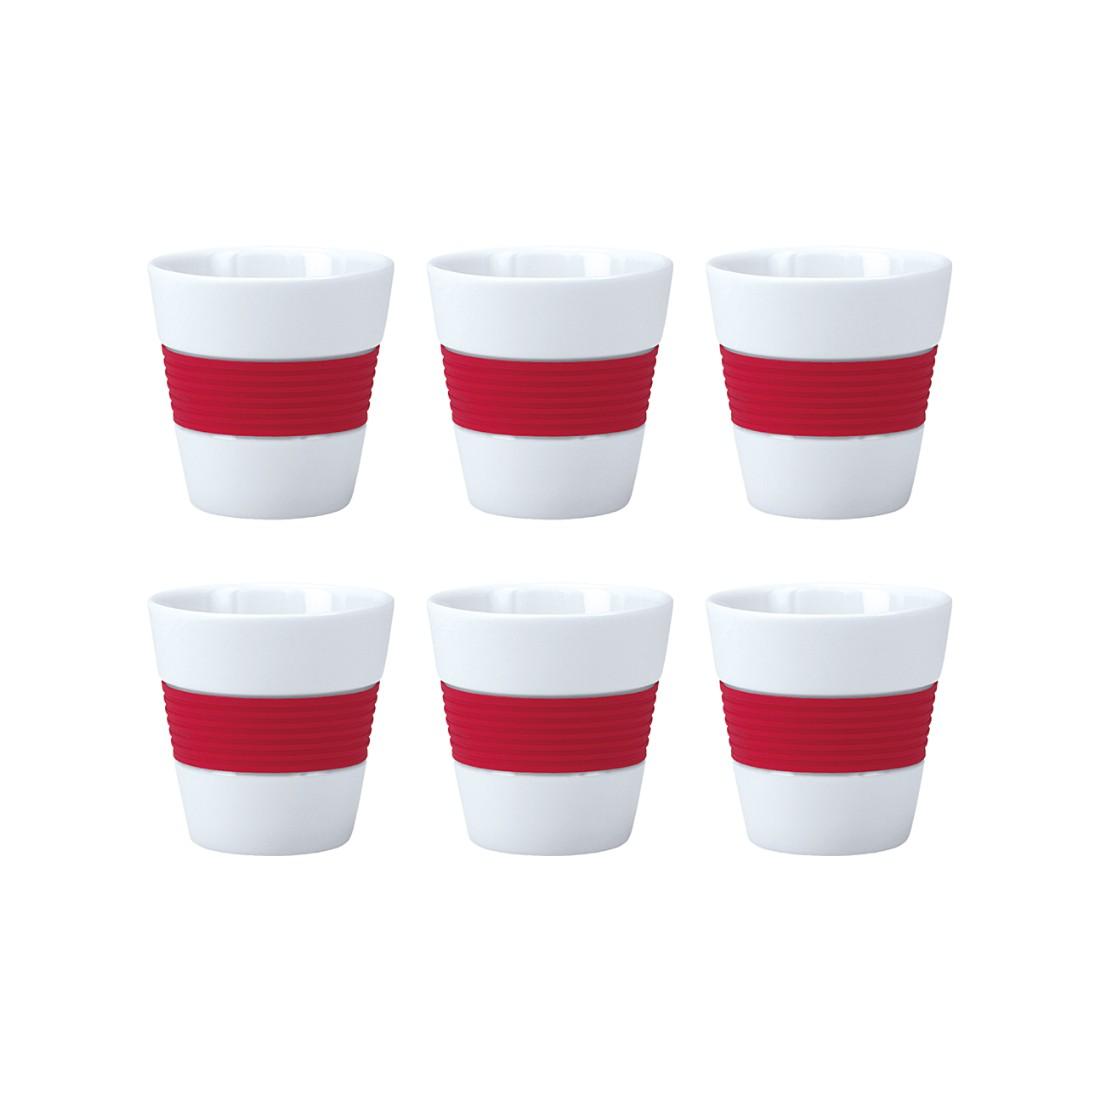 Espressotassen Sunny (6er-Set) – rot, Contento günstig kaufen